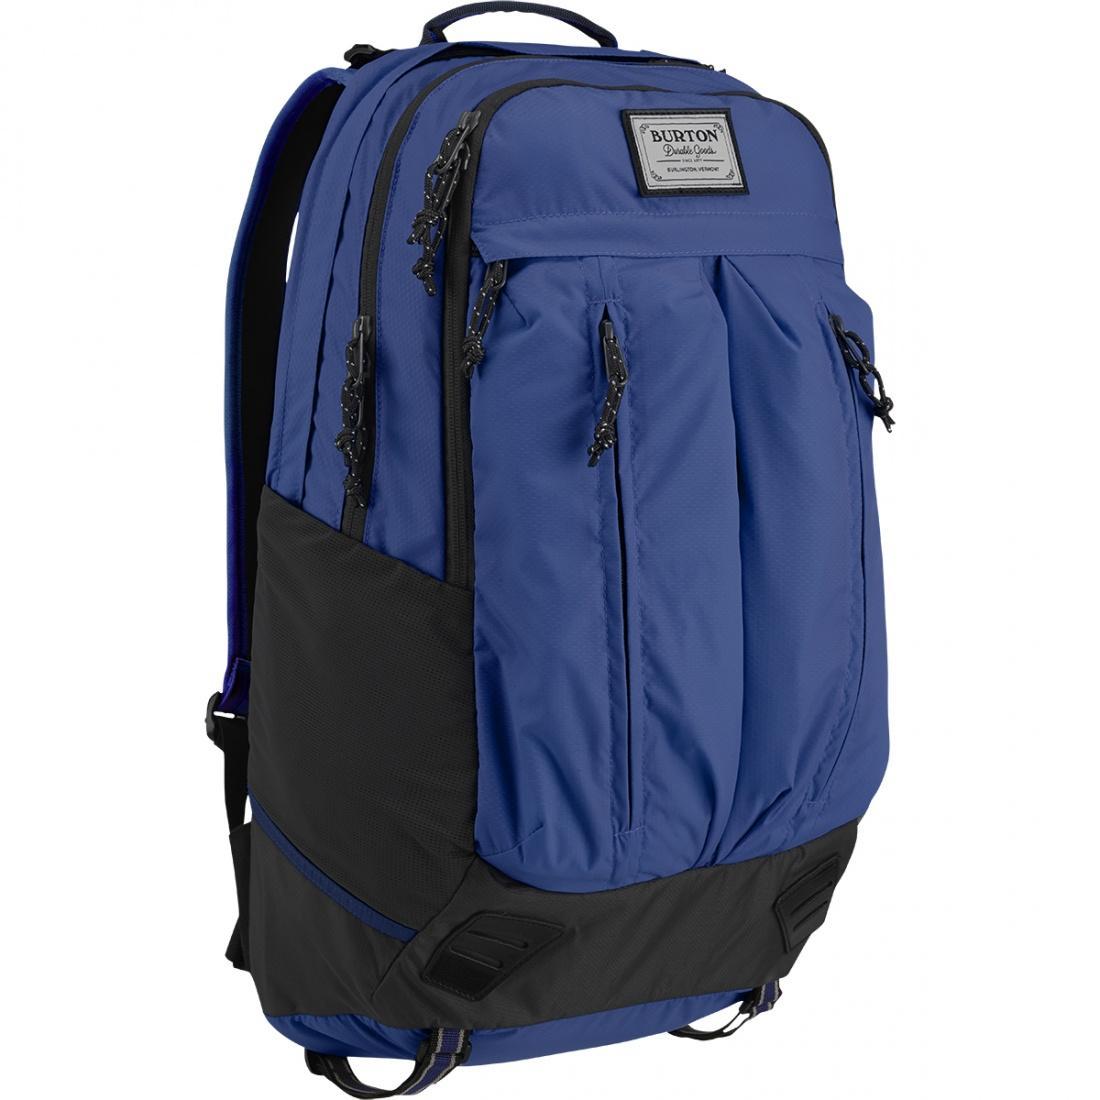 Рюкзак BRAVO PACKСпортивные<br><br>Большое внутреннее отделение <br>Мягкий отсек для ноутбука (45 см х 29 см х 5 см) <br>Дополнительная флисовая подкладка-кармашек для ...<br><br>Цвет: Синий<br>Размер: None